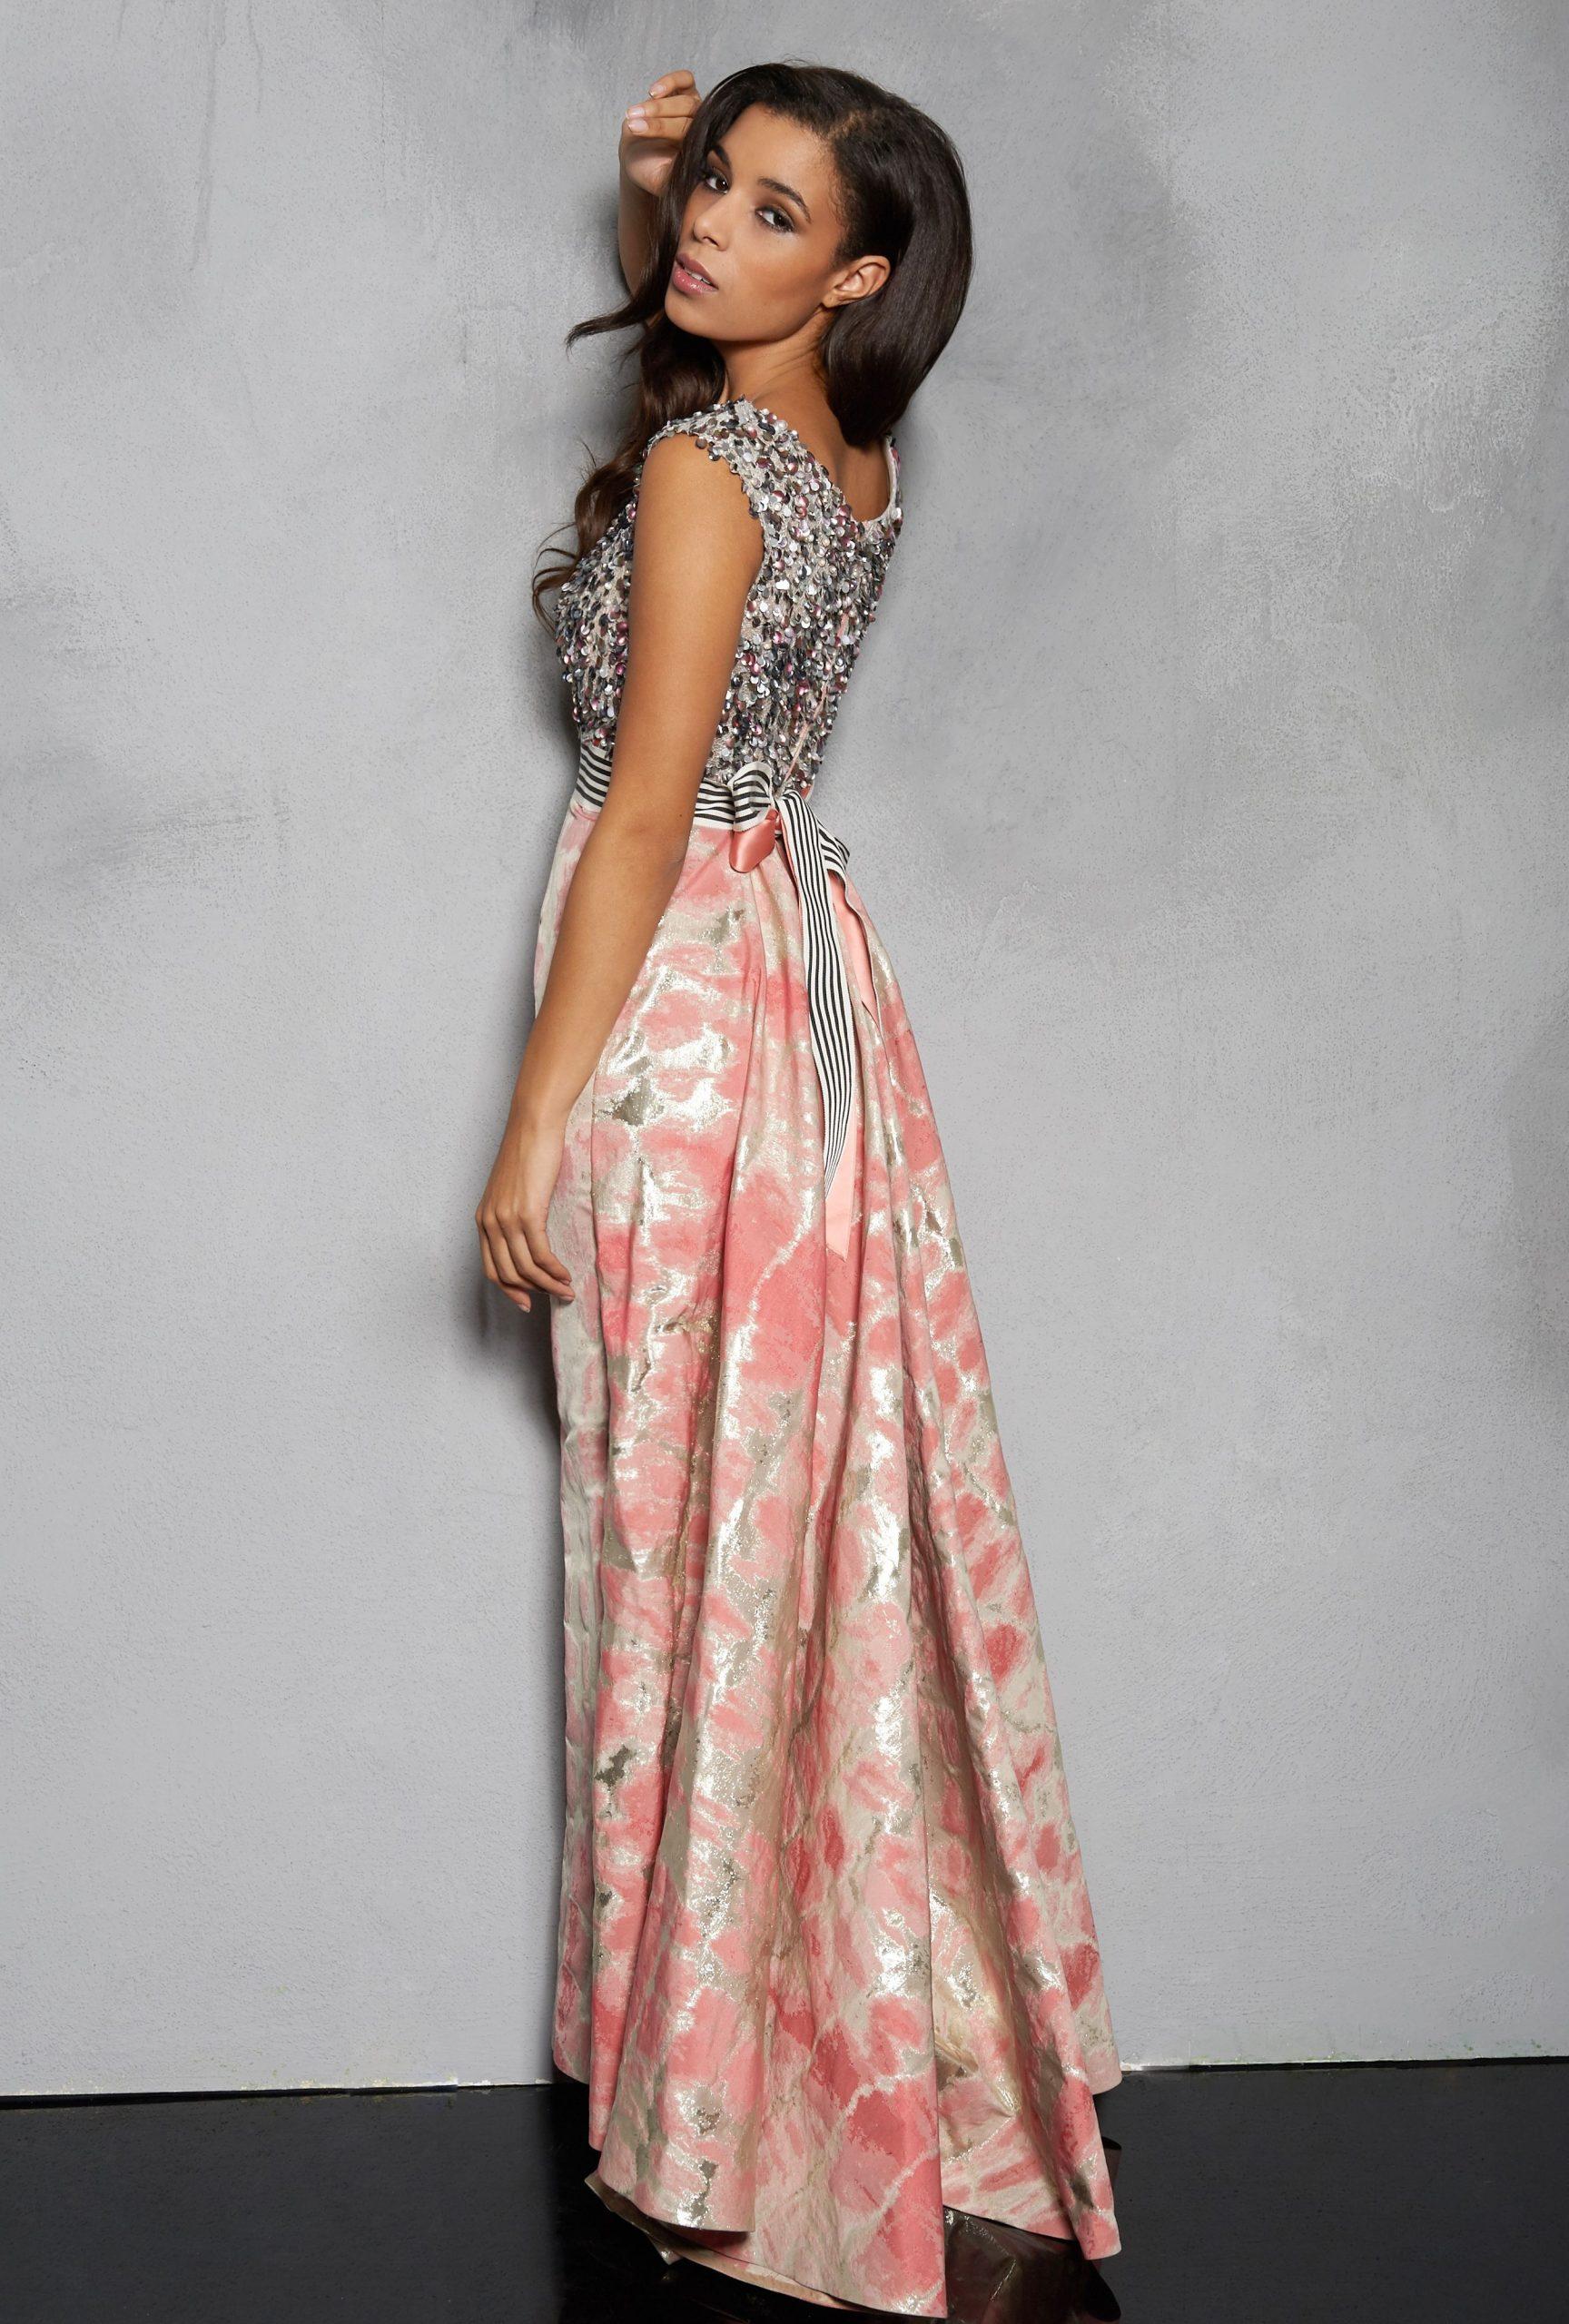 Abend Kreativ Abendkleid Verleih BoutiqueAbend Luxurius Abendkleid Verleih Boutique